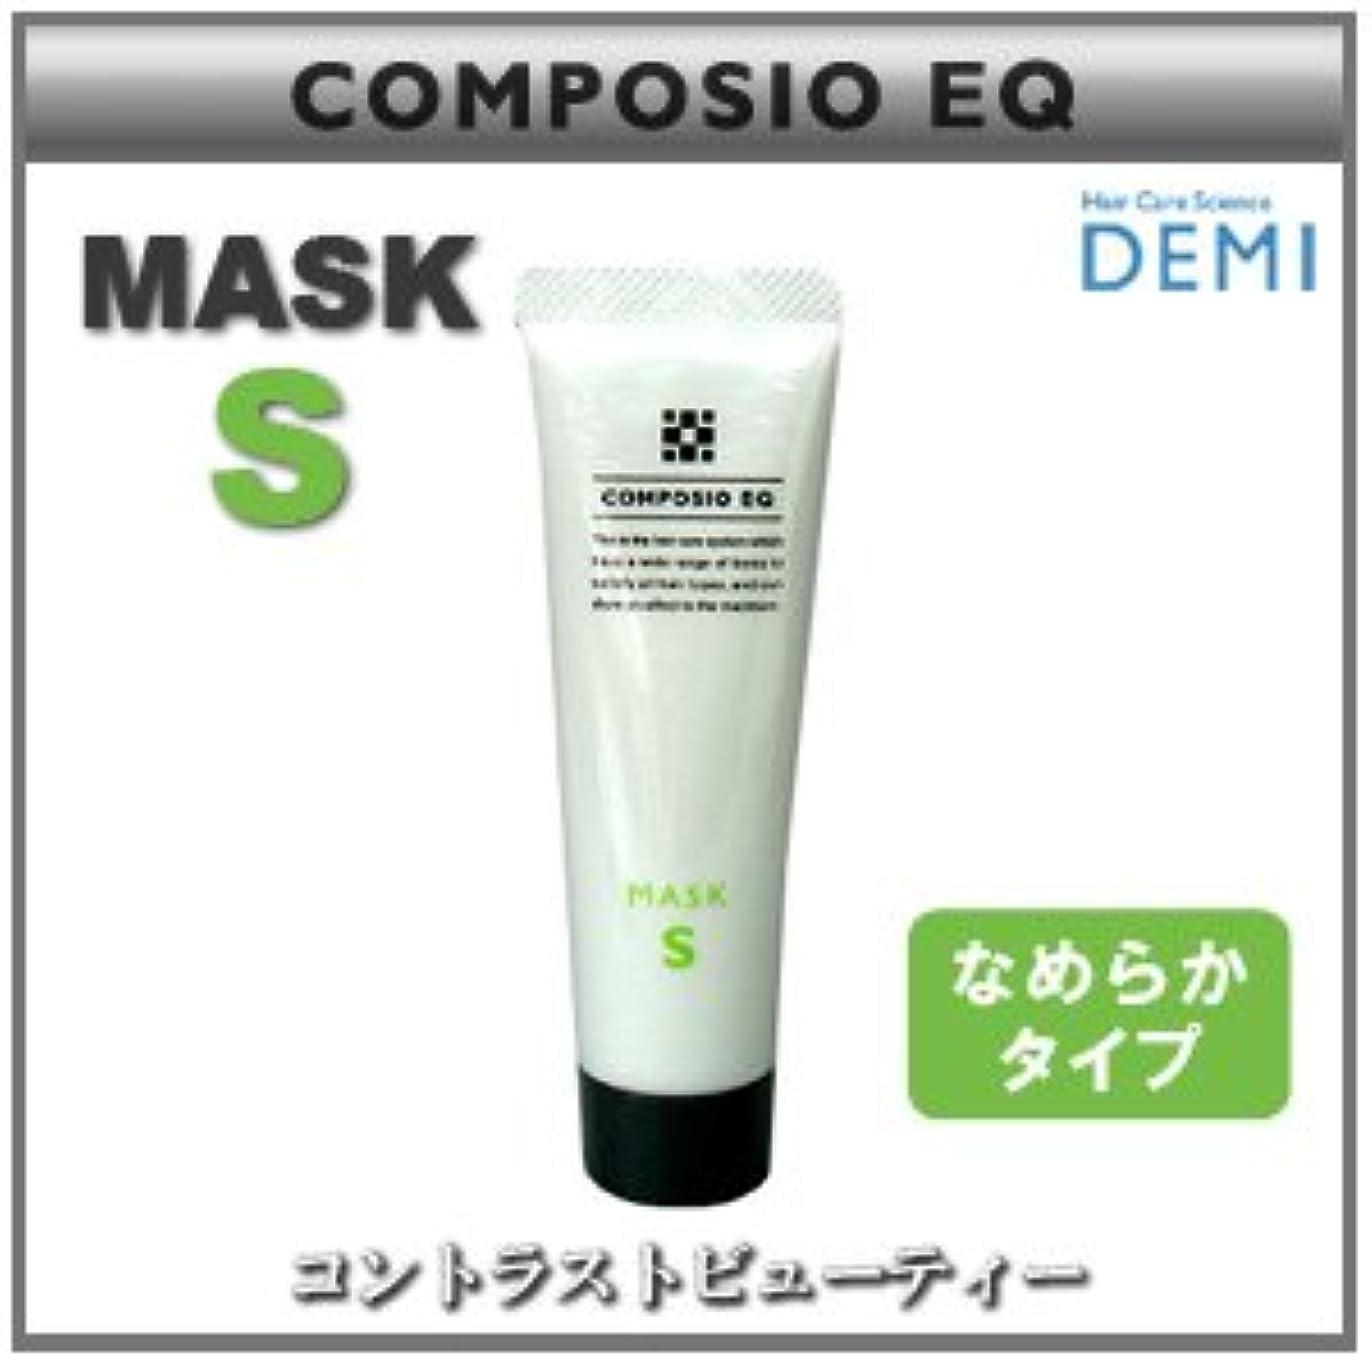 国リングレット予知【X3個セット】 デミ コンポジオ EQ マスク S 50g